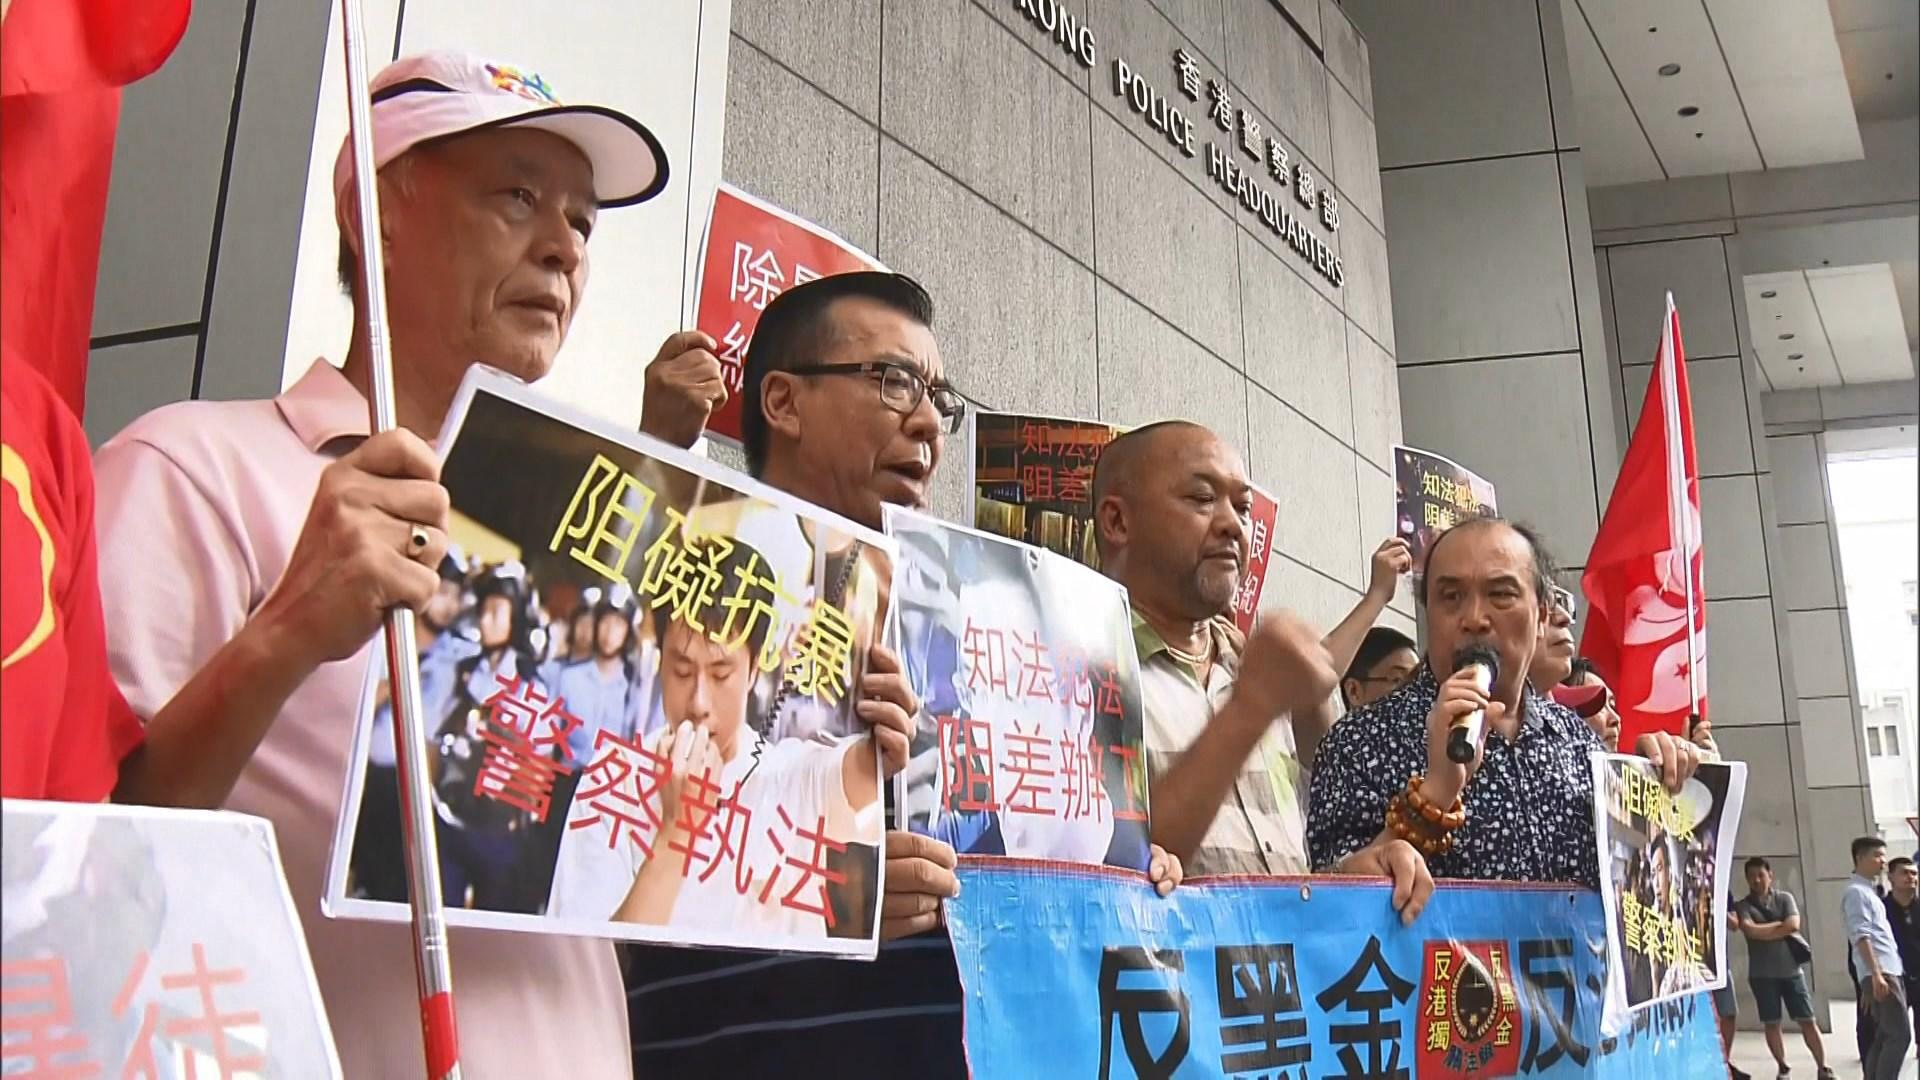 團體指三名泛民議員涉阻差辦公 促警方拘捕